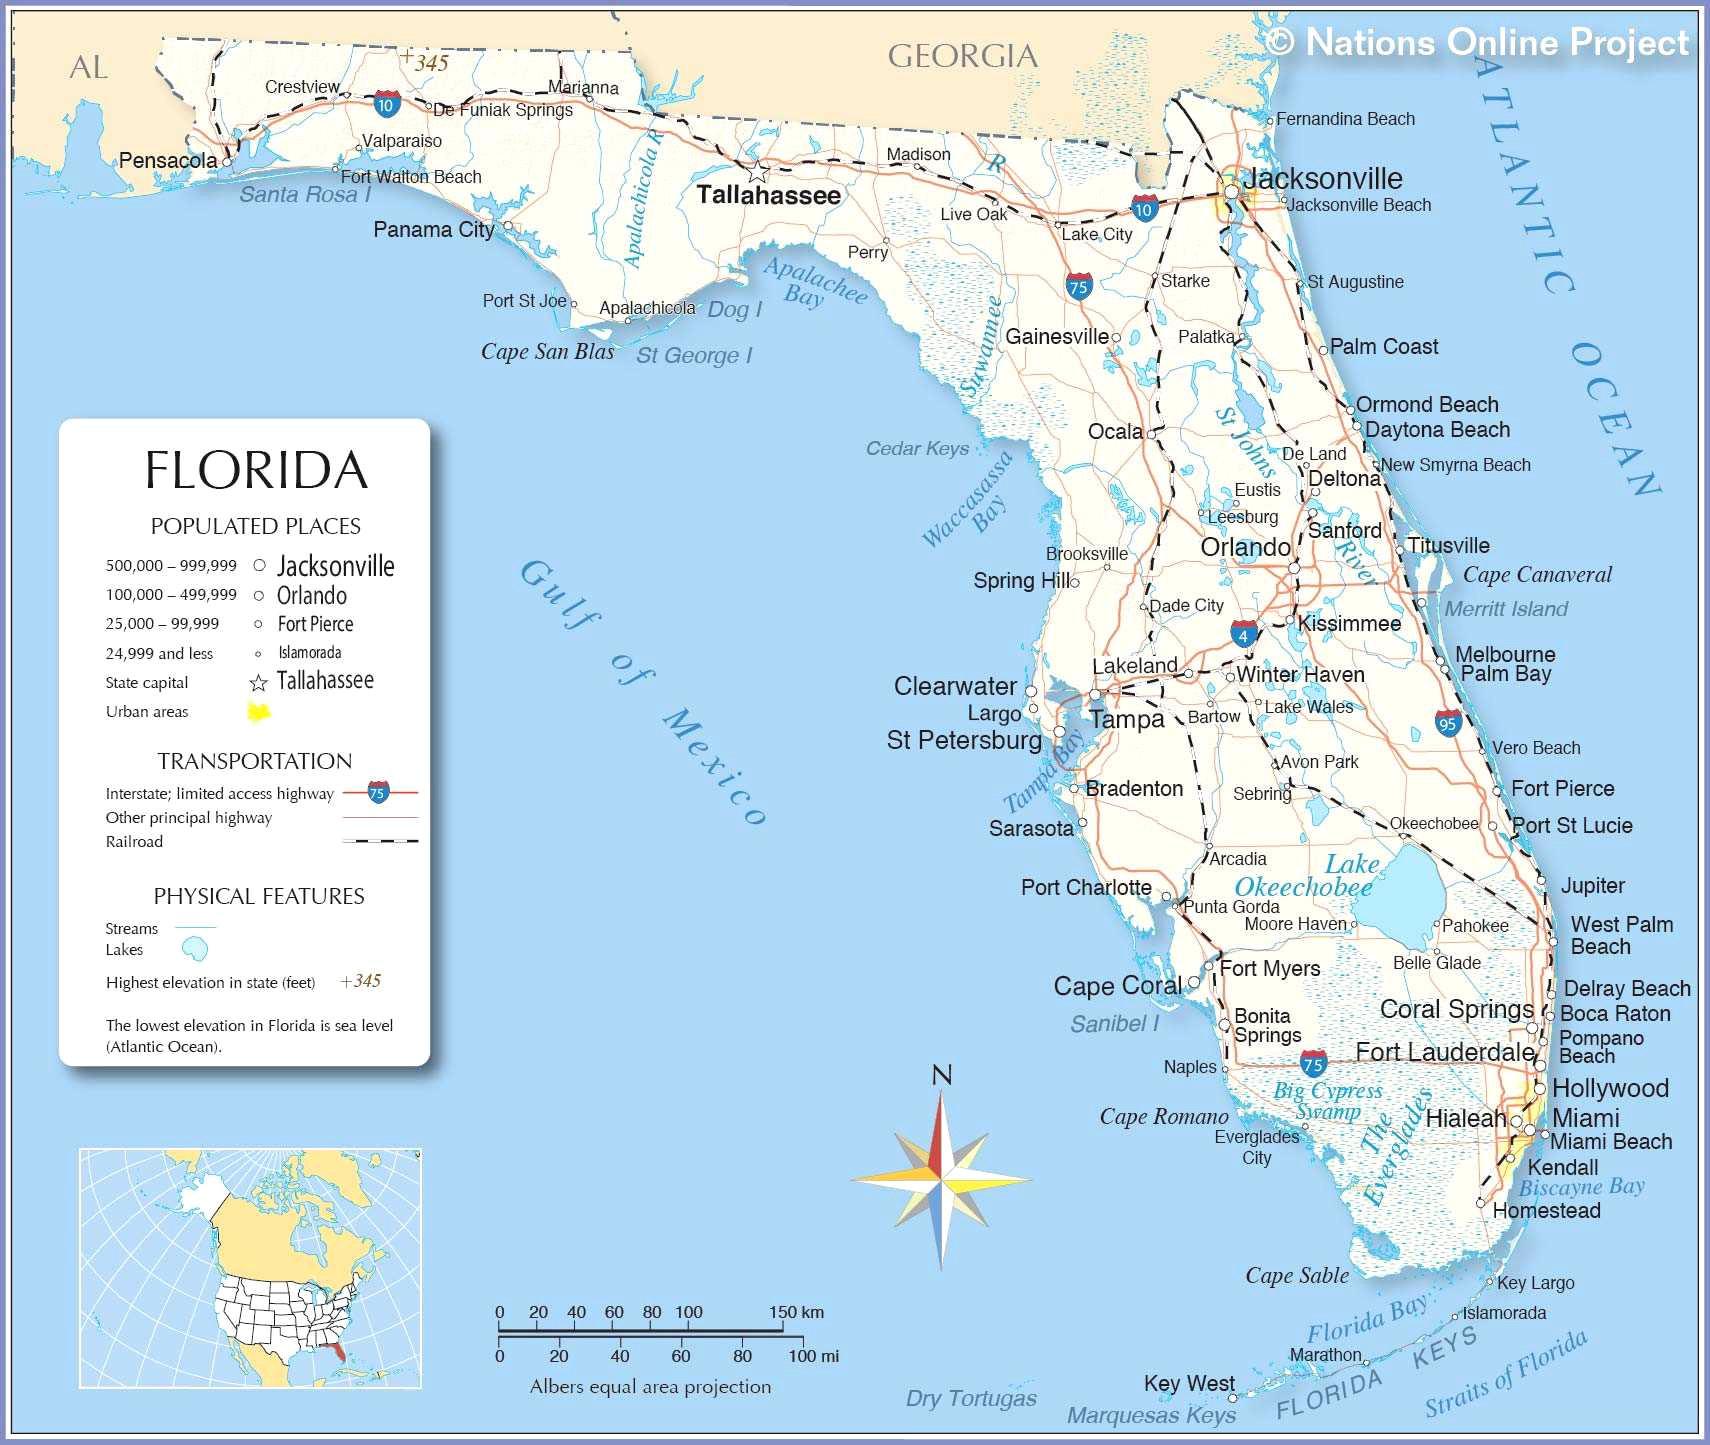 Santa Rosa Florida Map - Blue Mountain Beach Florida Map